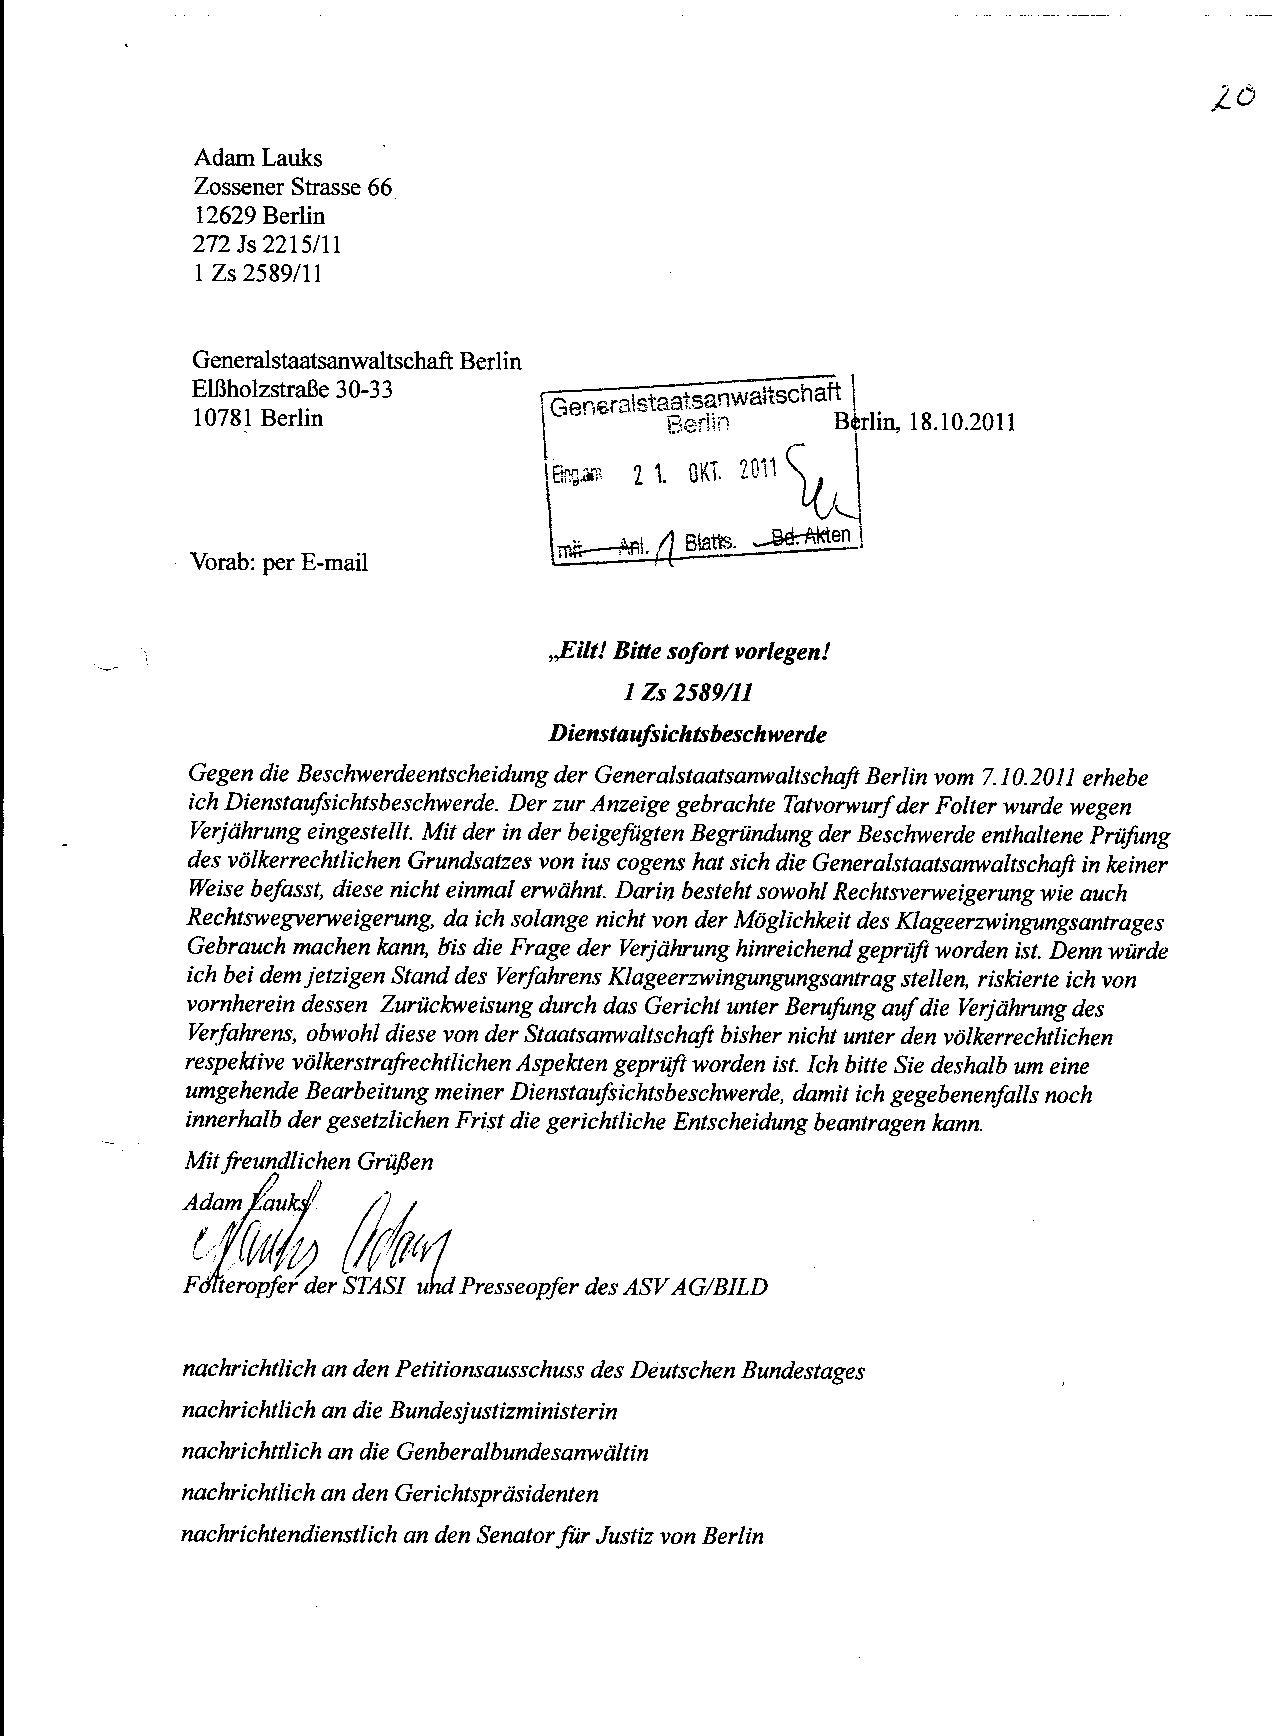 Ermittlungsverfahren auf Strafantrag wg. Folter 272 Js 2215 -11 026